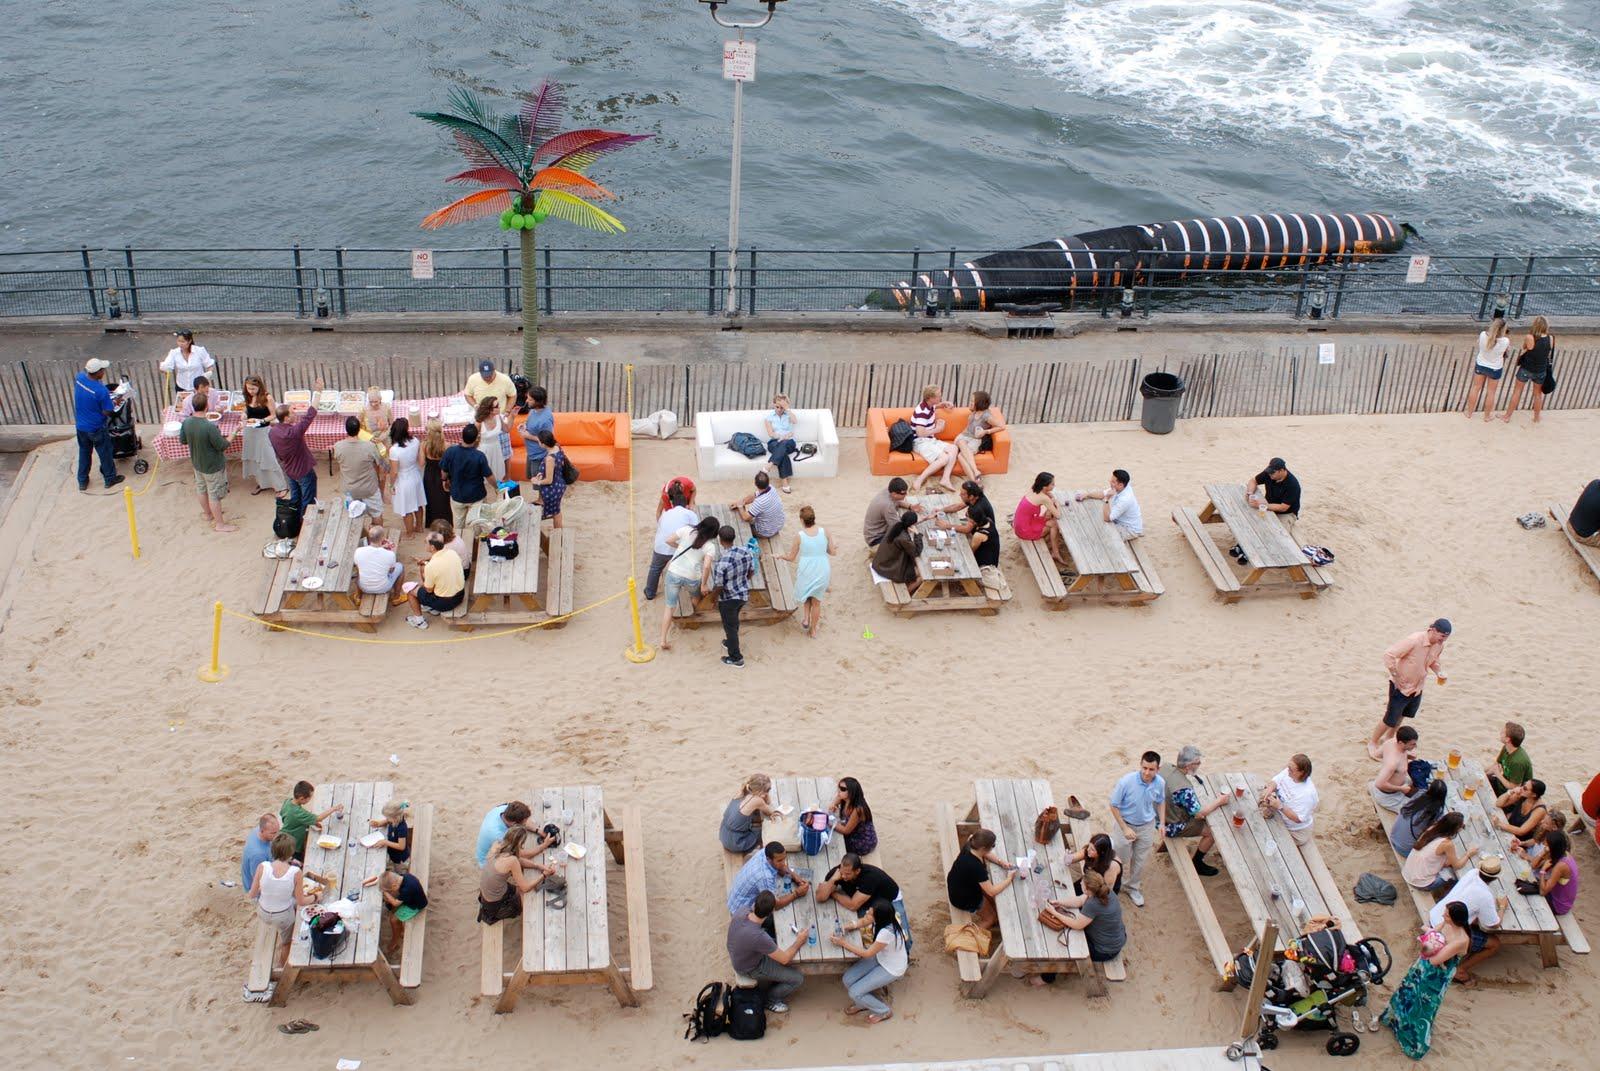 Taxi Manhattan Beach The Best Beaches In World